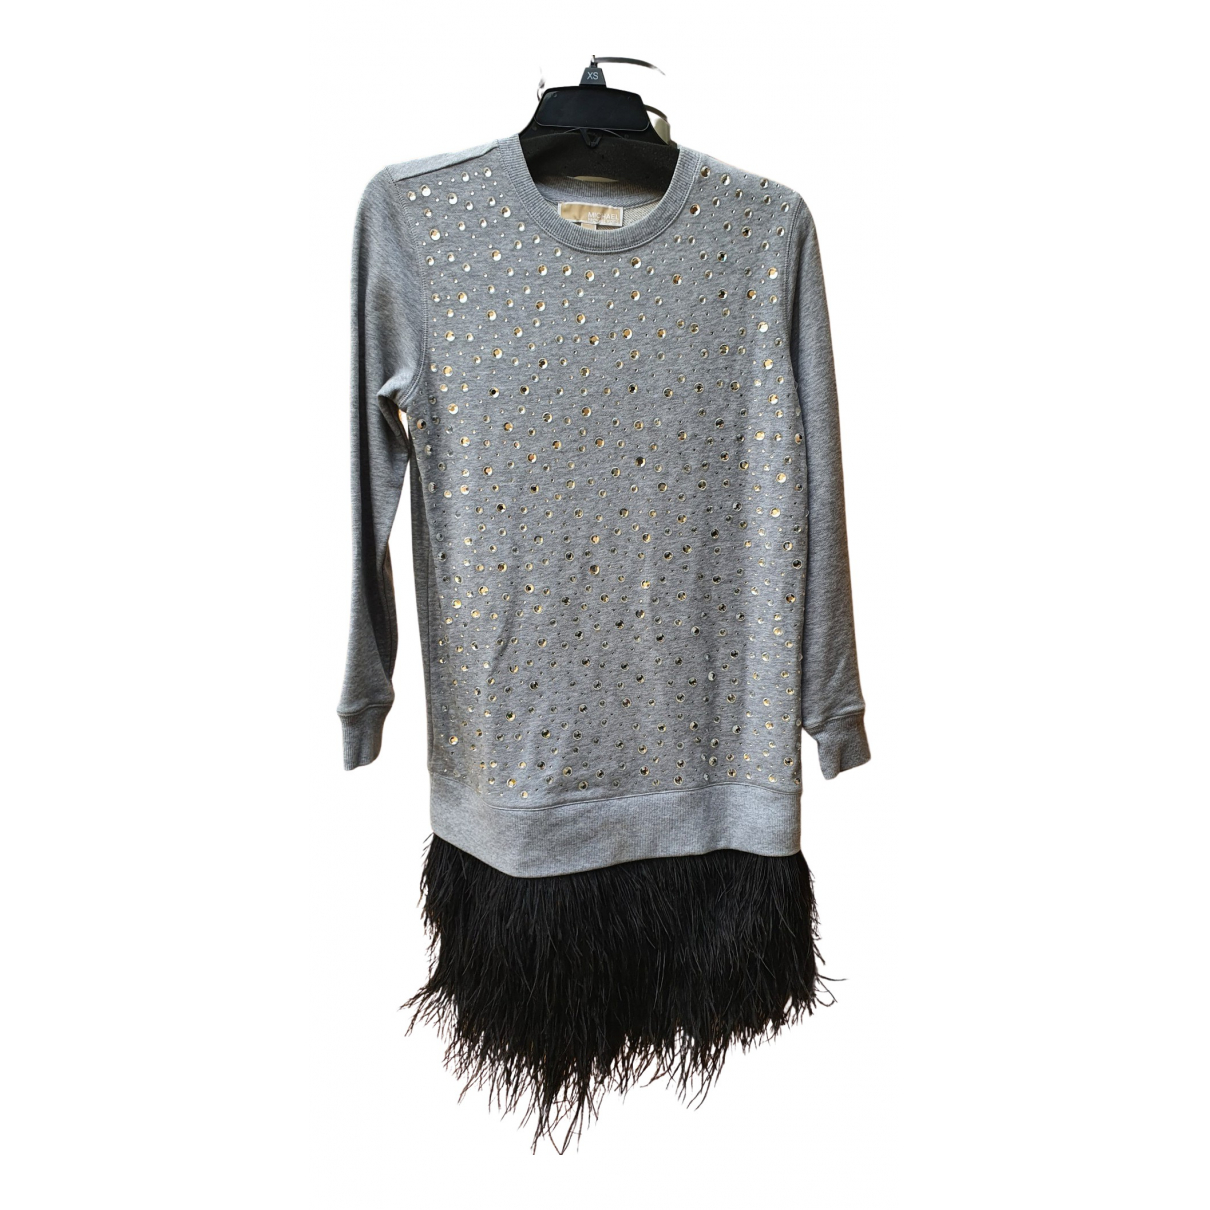 Michael Kors \N Kleid in  Grau Baumwolle